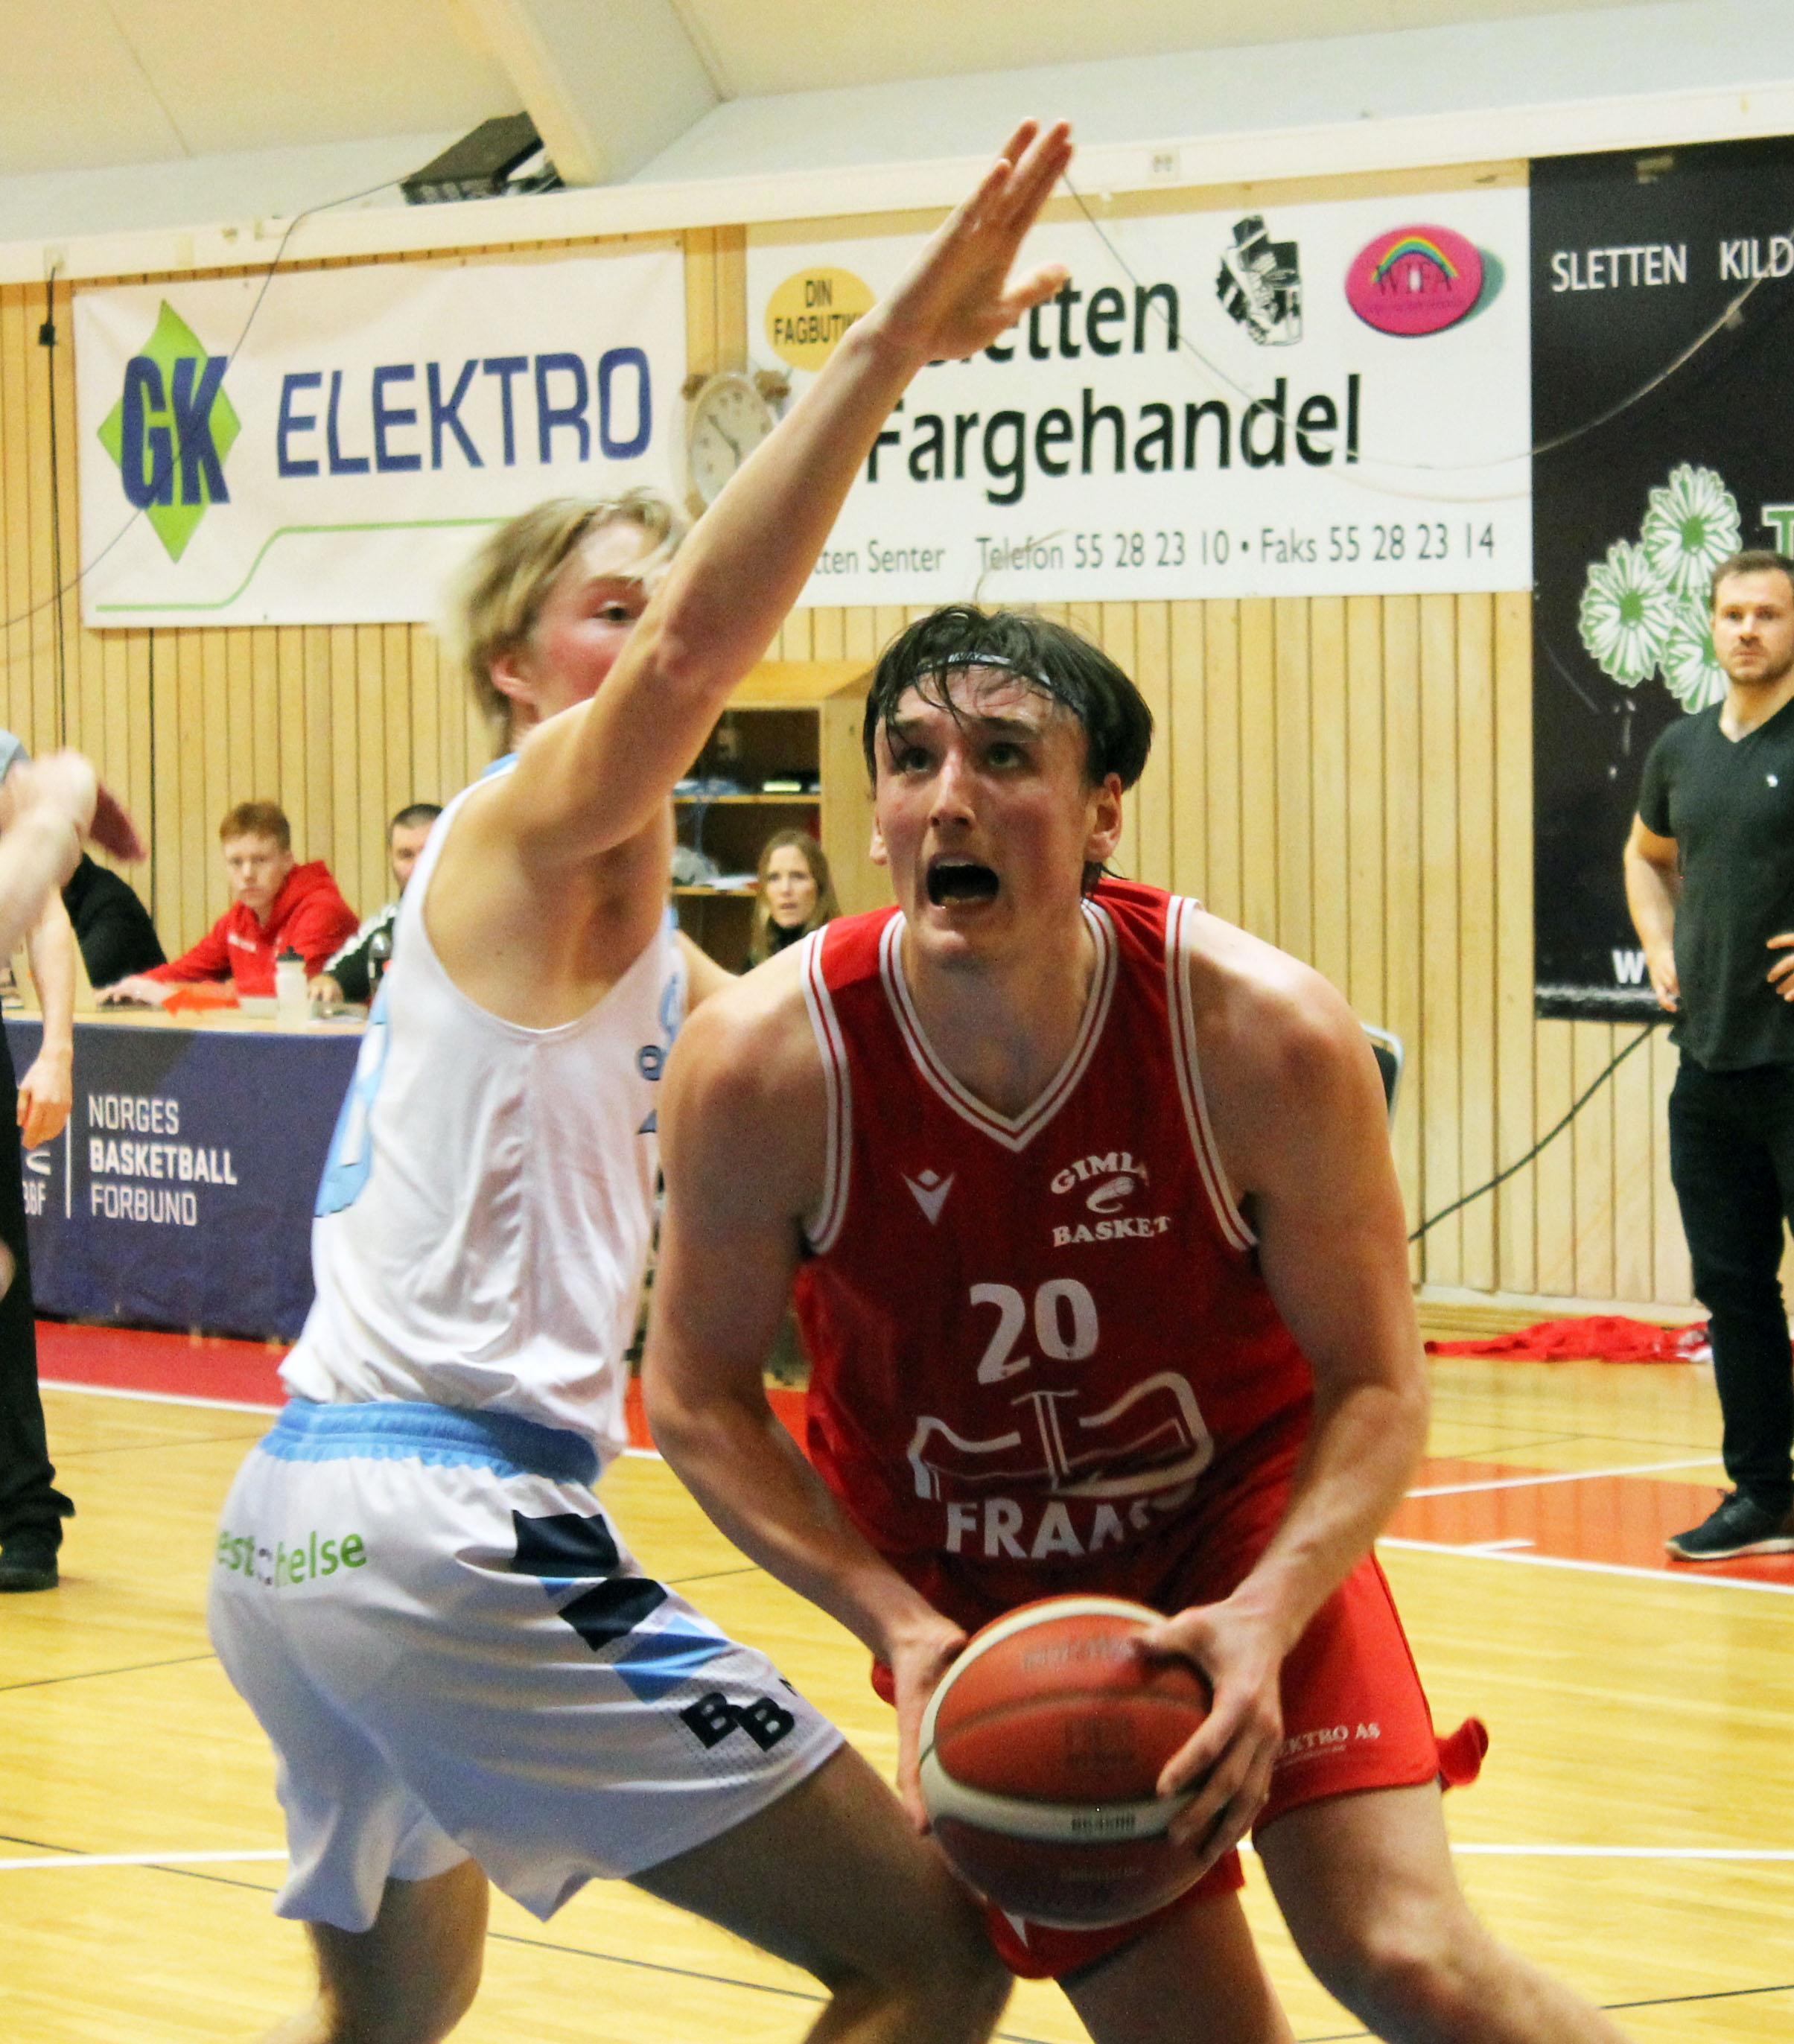 Eivind Lamo ble toppscorer med 19 poeng mot Bærum, men måtte ut med fem feil.